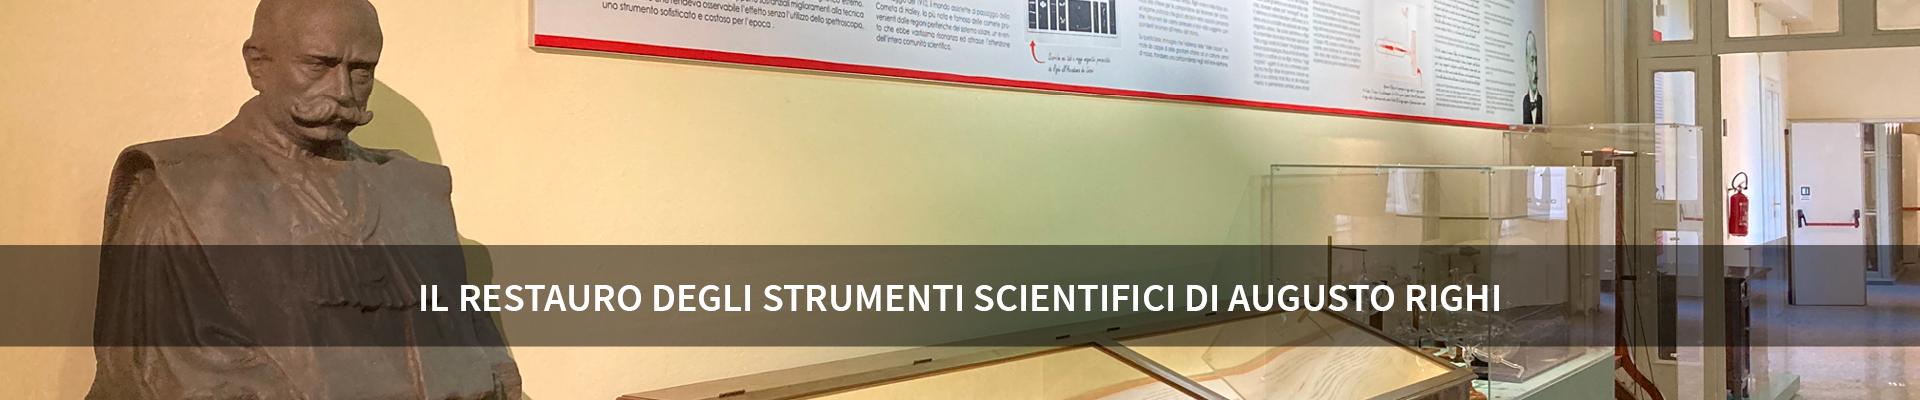 Il restauro degli strumenti scientifici di Augusto Righi -